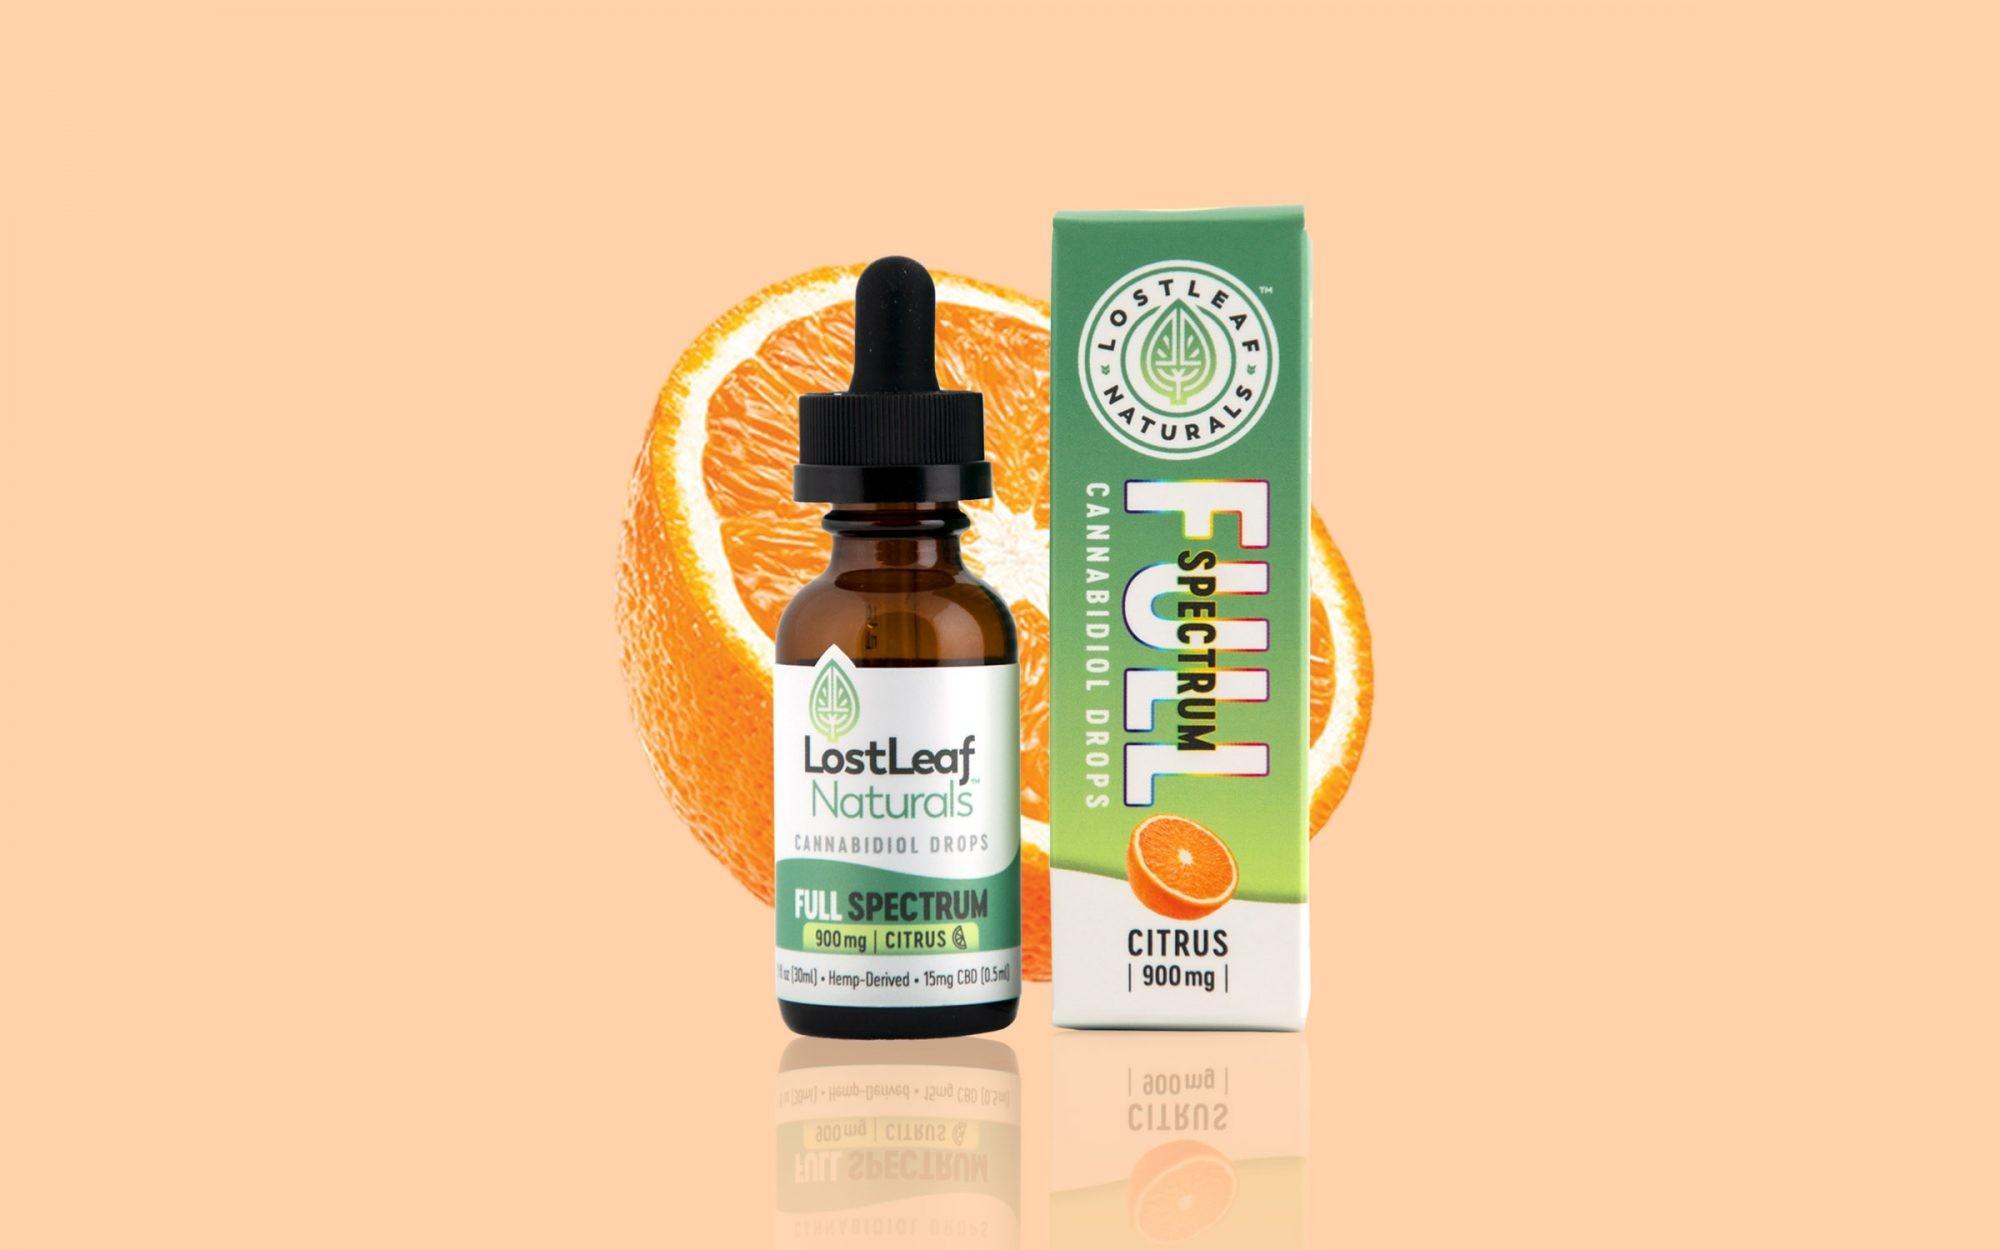 Lostleaf full spectrum - LostLeaf Naturals